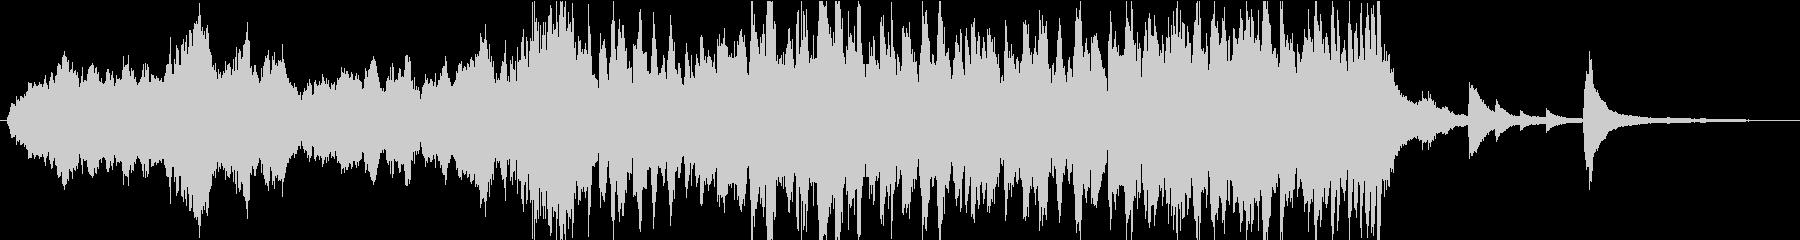 感動 泣ける追憶を感じるピアノ(短縮版)の未再生の波形